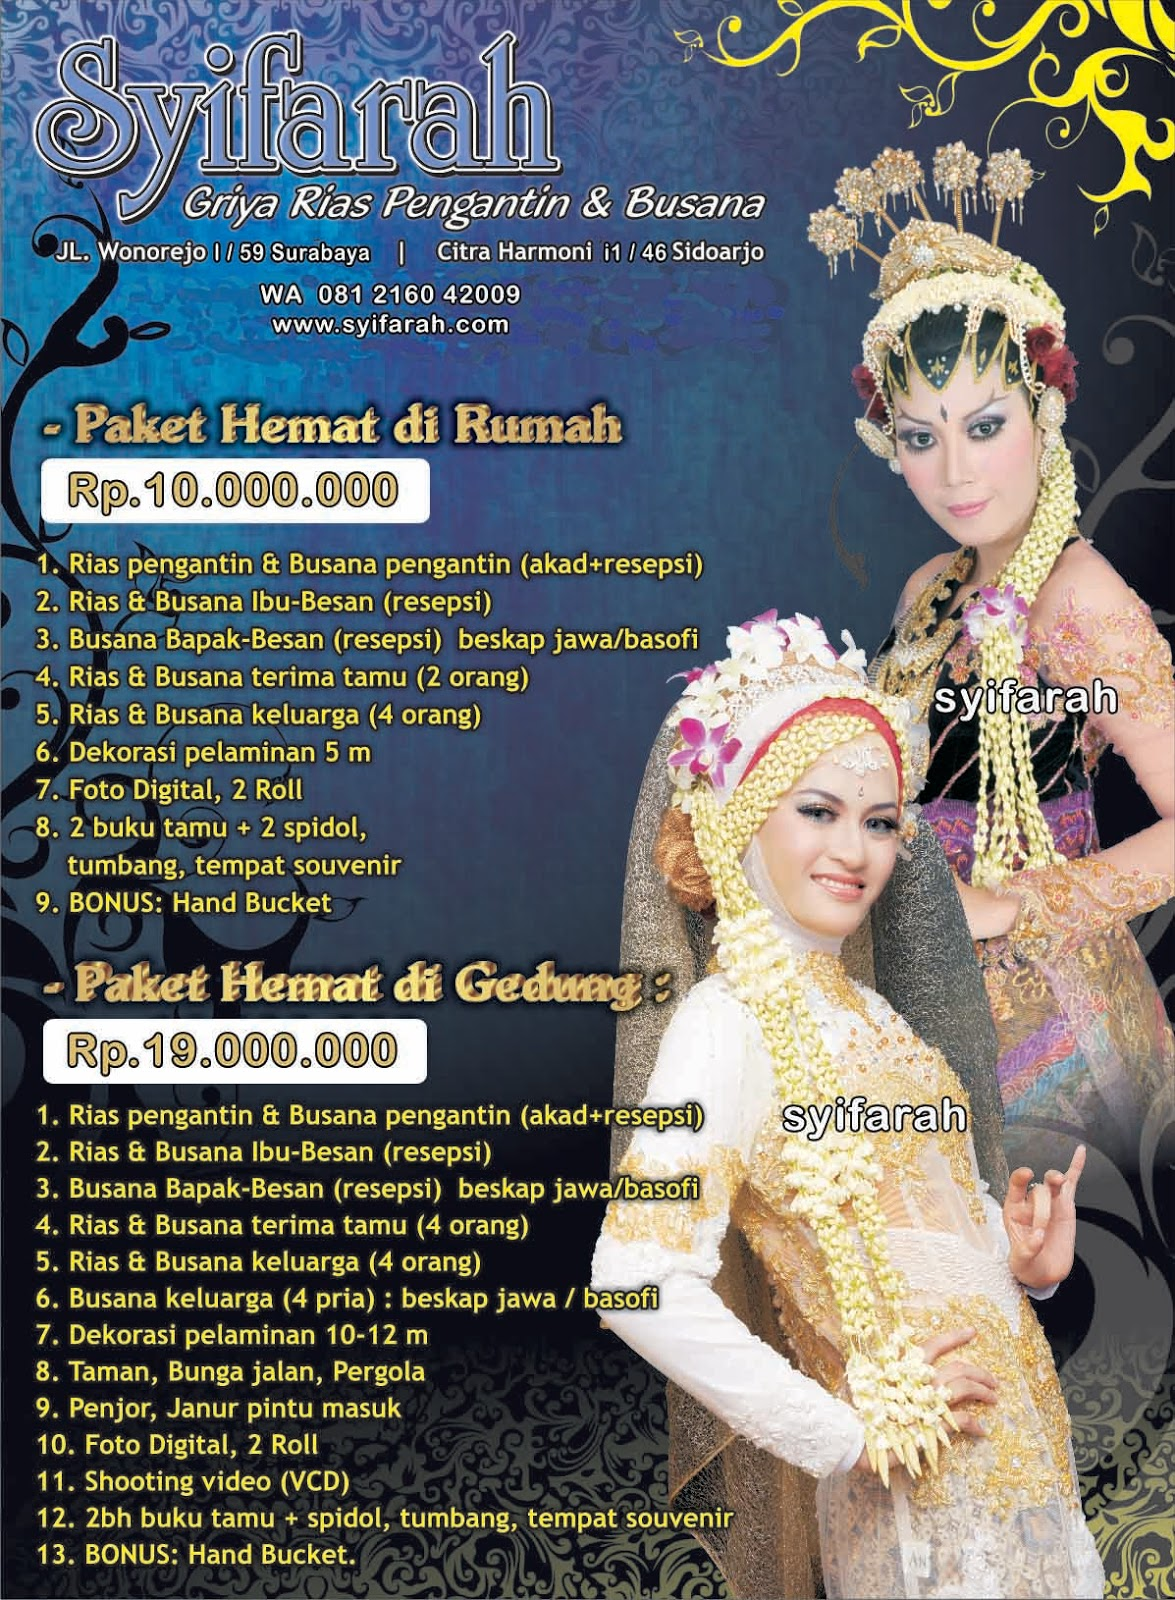 Harga Rias Pengantin Surabaya 8-8